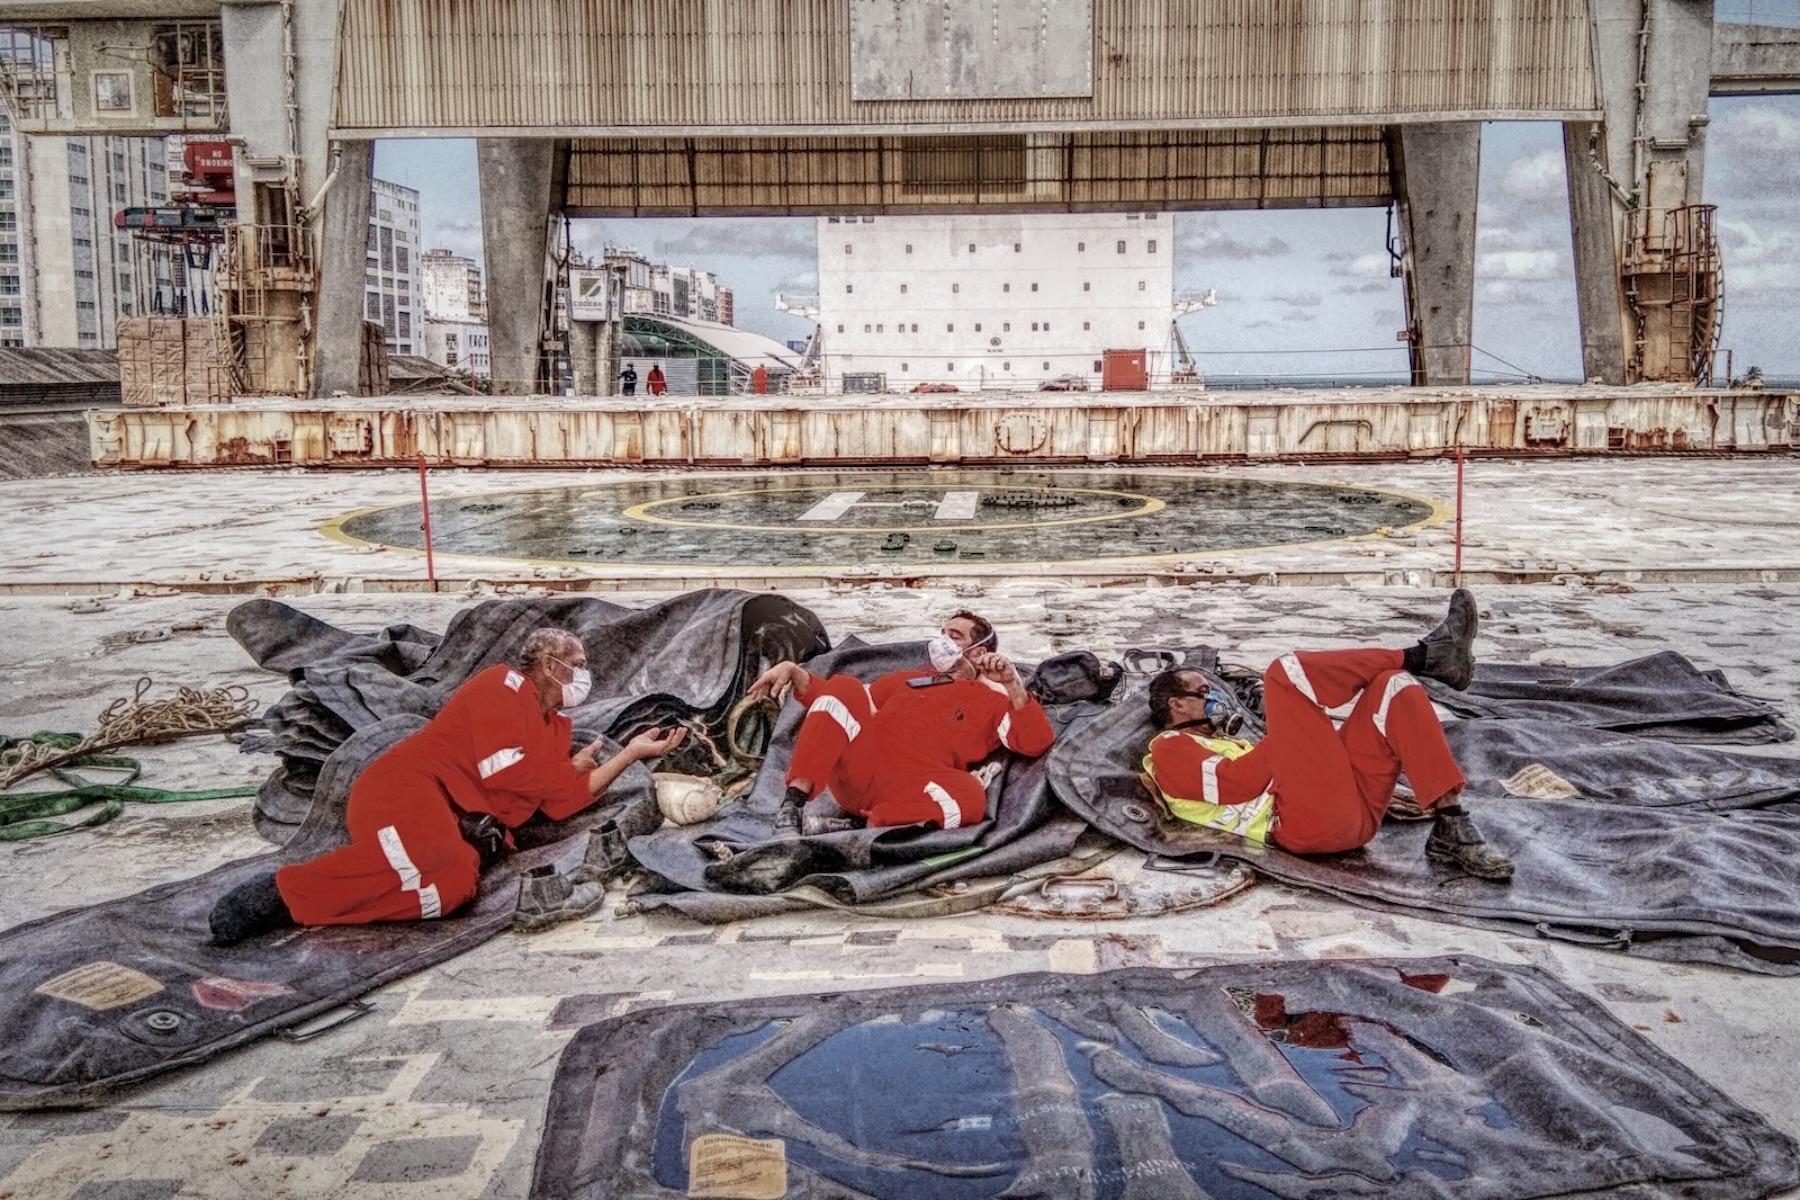 <p>Foto capturada durante una operación de carga en Salvador (Brasil), un epicentro de la pandemia. Tres estibadores acostados sobre una bolsa de aire descansando.</p> <p>Fecha de la foto: 26/08/2020<br />Ubicación de la foto: Salvador, Brasil.<br />Nombre del buque: Mv Hardanger.<br />Nombre del marinero: Philip Erl.</p>